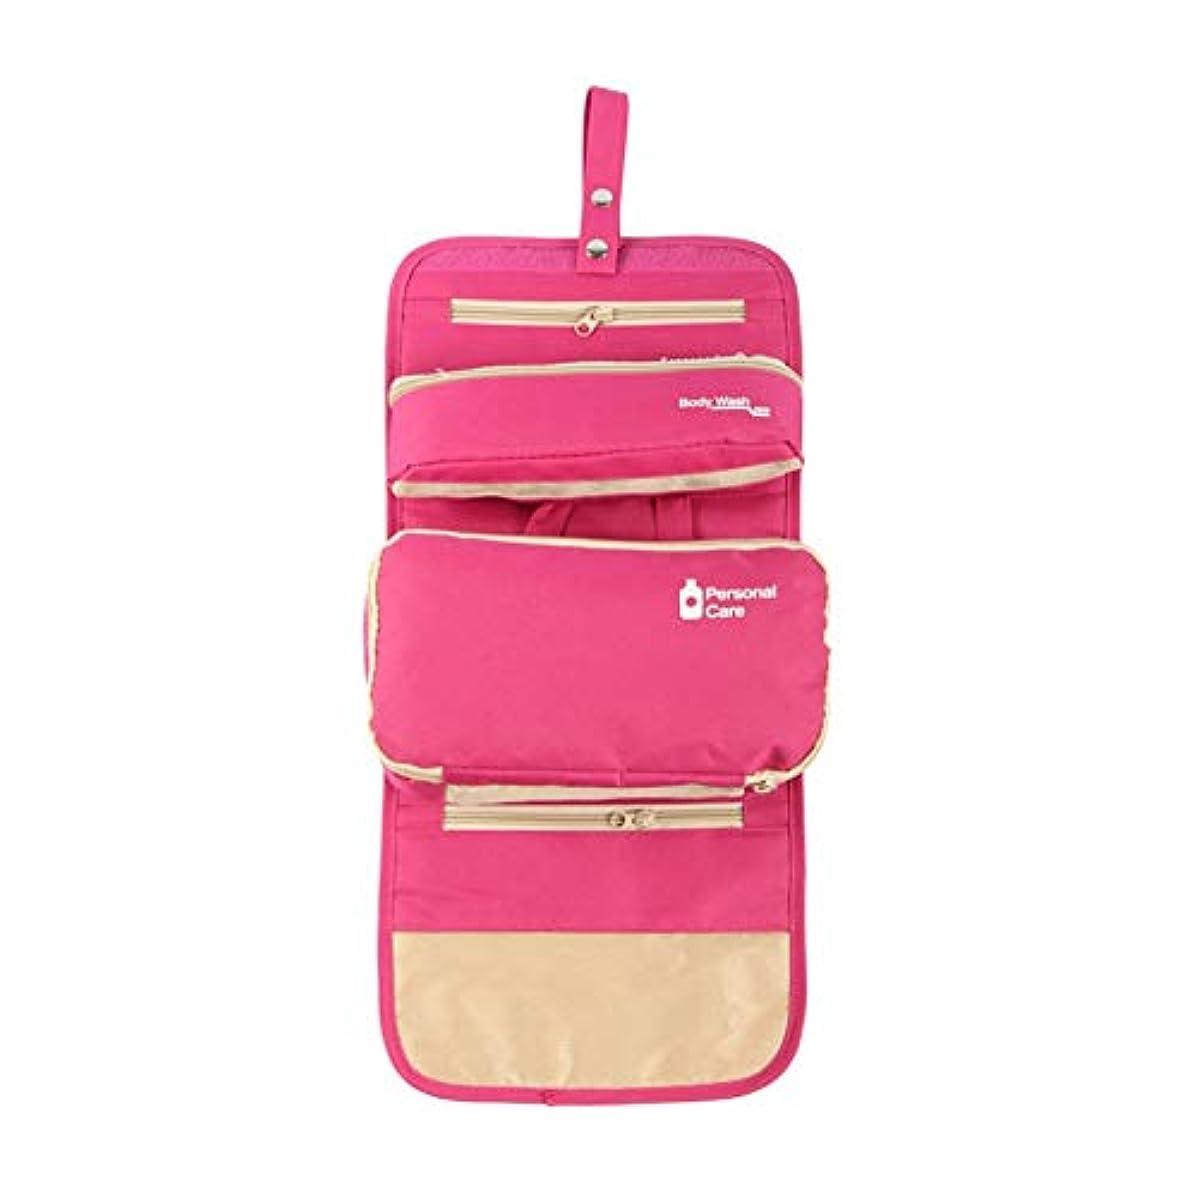 より多いびっくり決して化粧オーガナイザーバッグ ハンギングトラベルウォッシュバッグナイロンポータブル化粧品家庭用ストレージバッグ折りたたみ旅行化粧品収納ボックス 化粧品ケース (色 : ピンク)